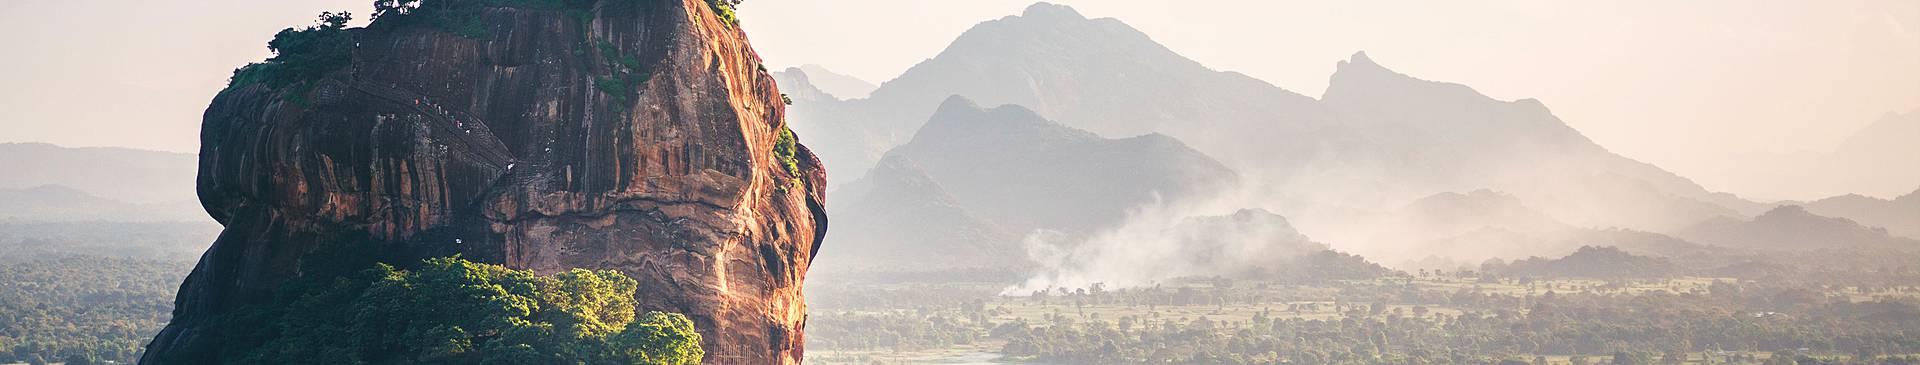 Berge Sri Lanka Reisen